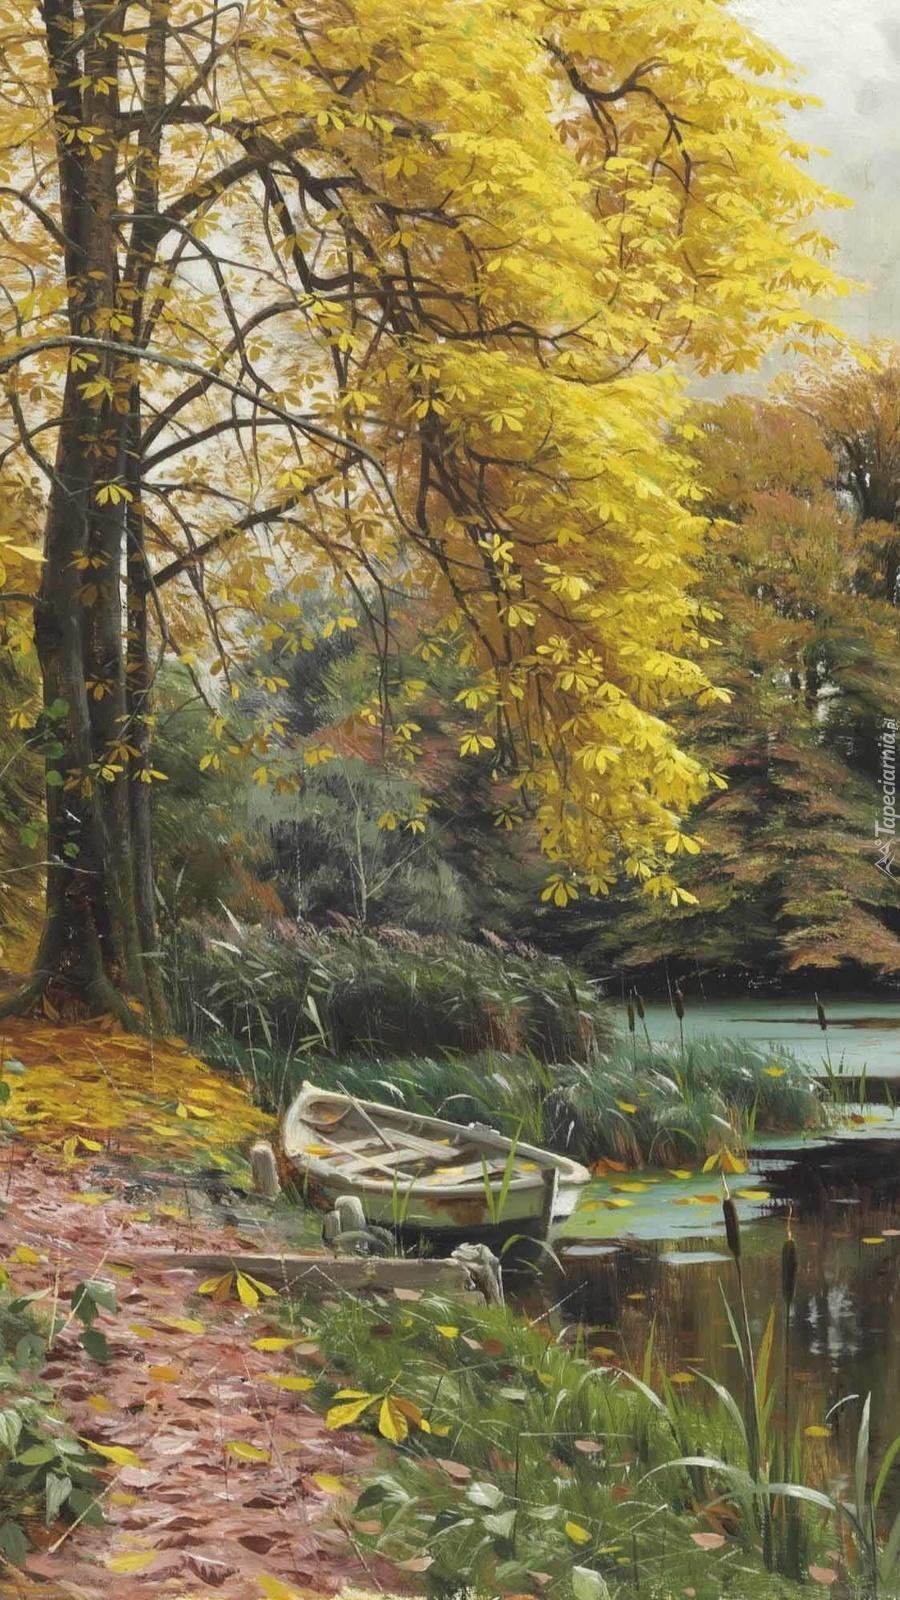 Łódka pod drzewem na brzegu rzeki